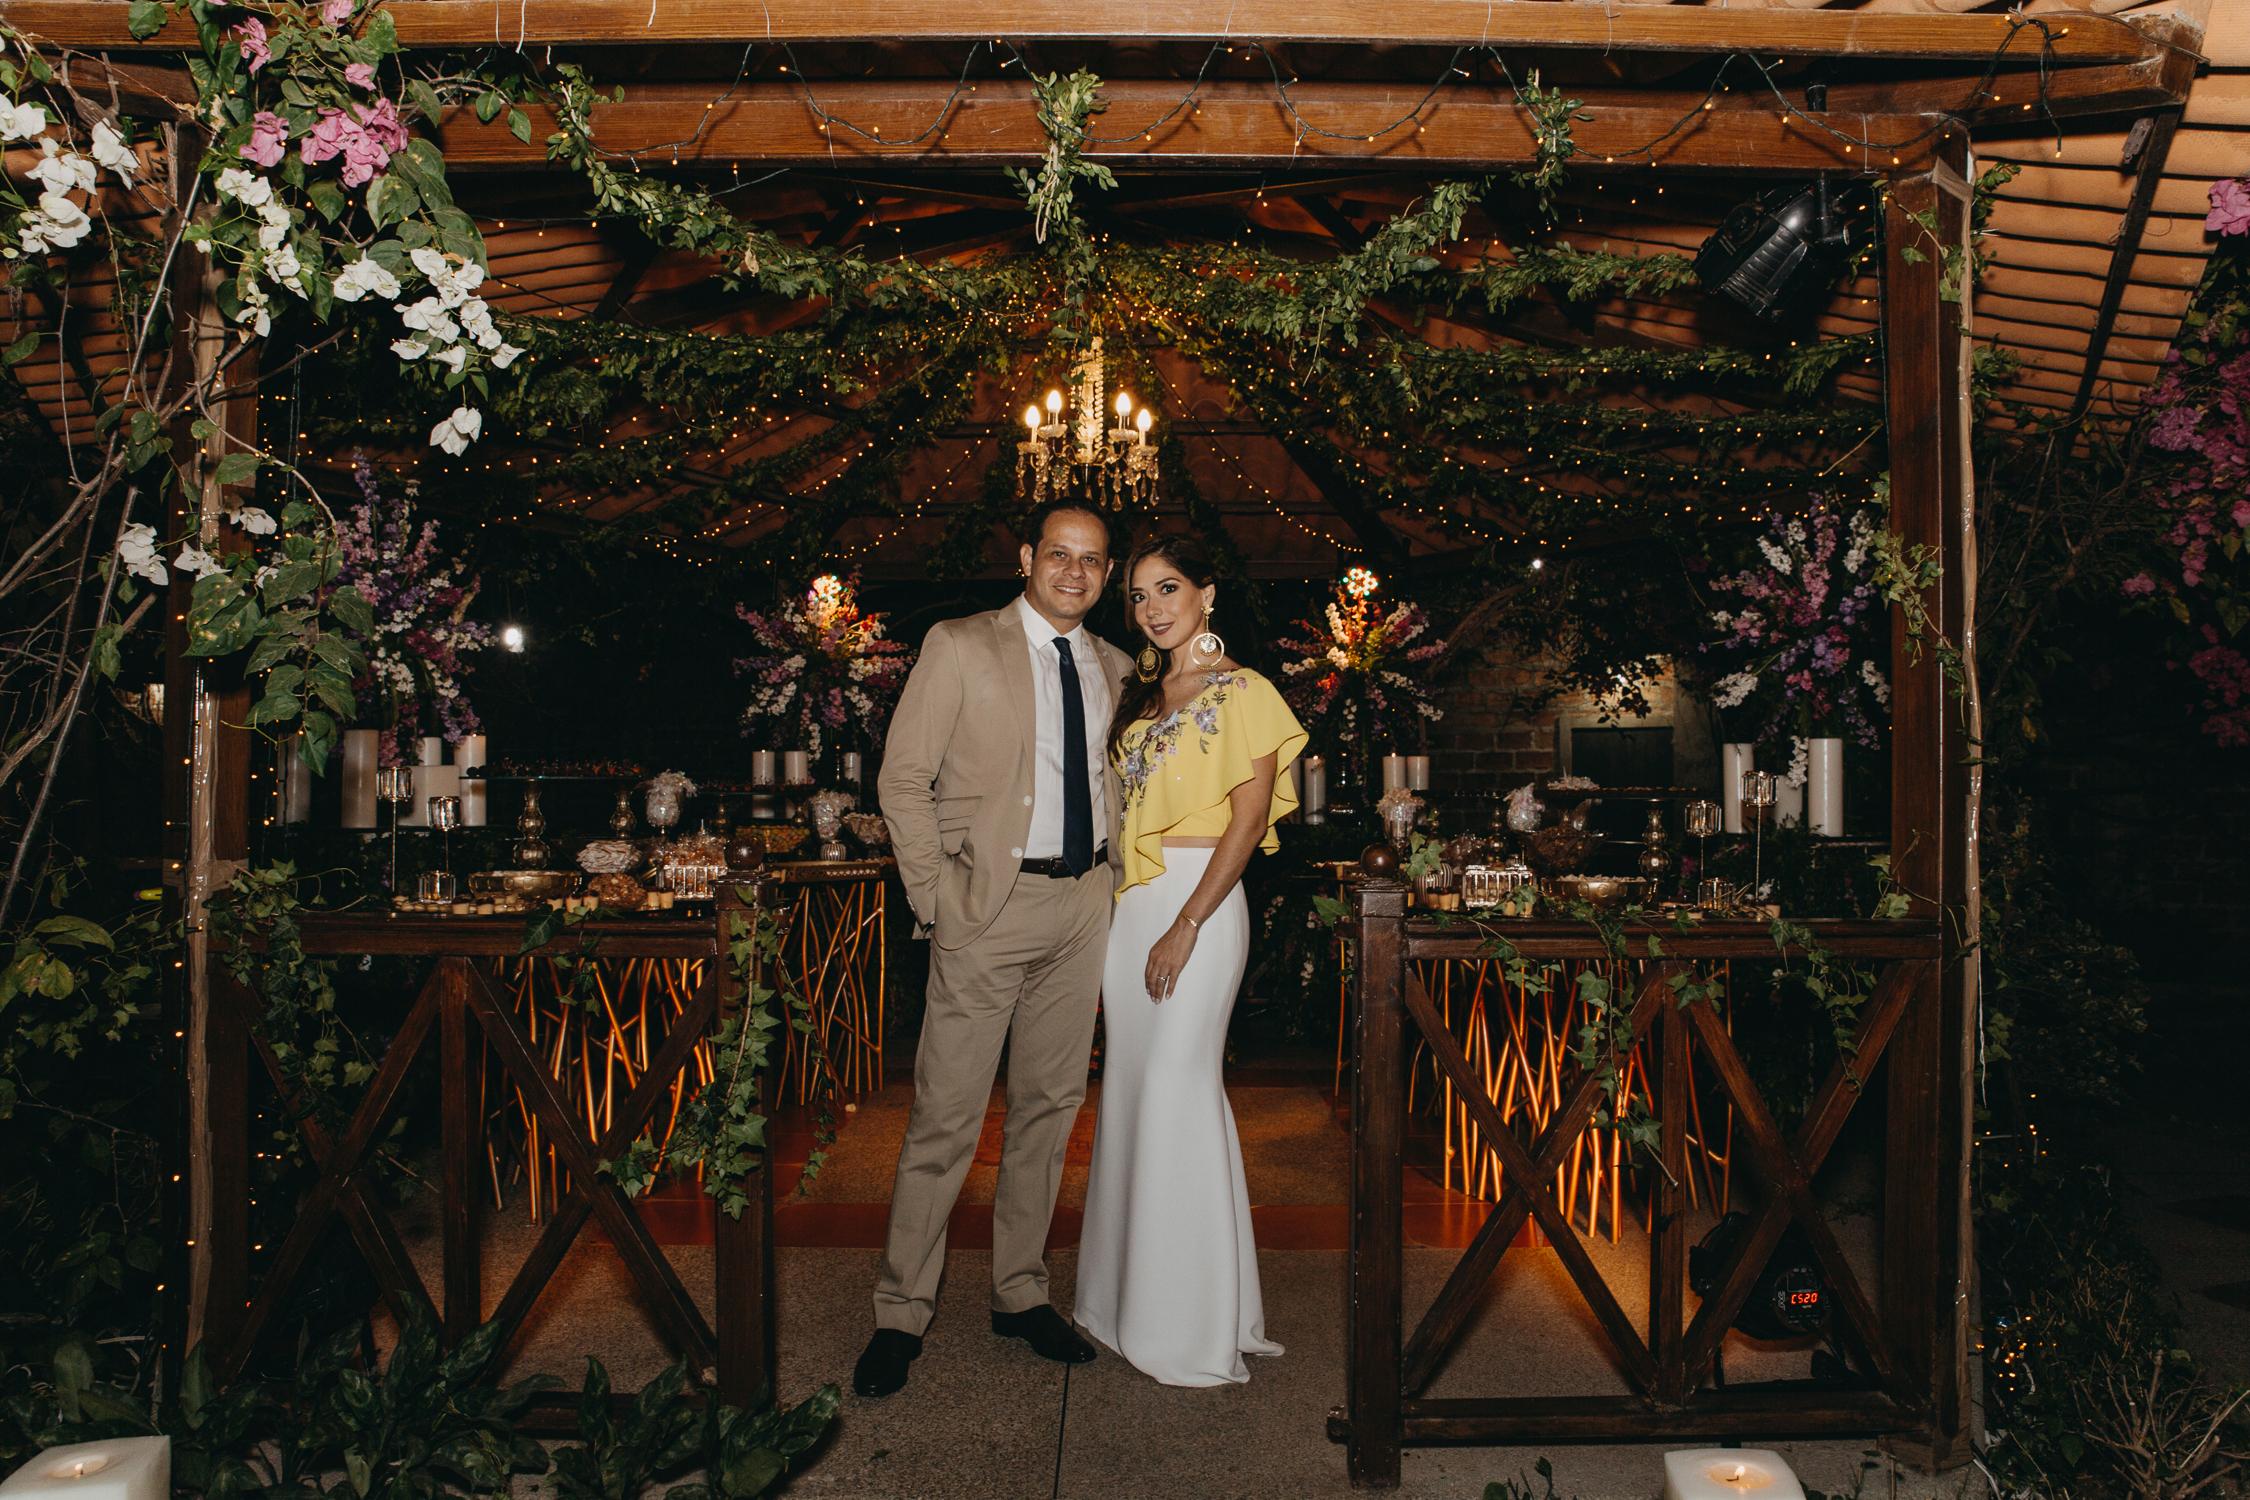 Michelle-Agurto-Fotografia-Bodas-Ecuador-Destination-Wedding-Photographer-Cristi-Luis-137.JPG